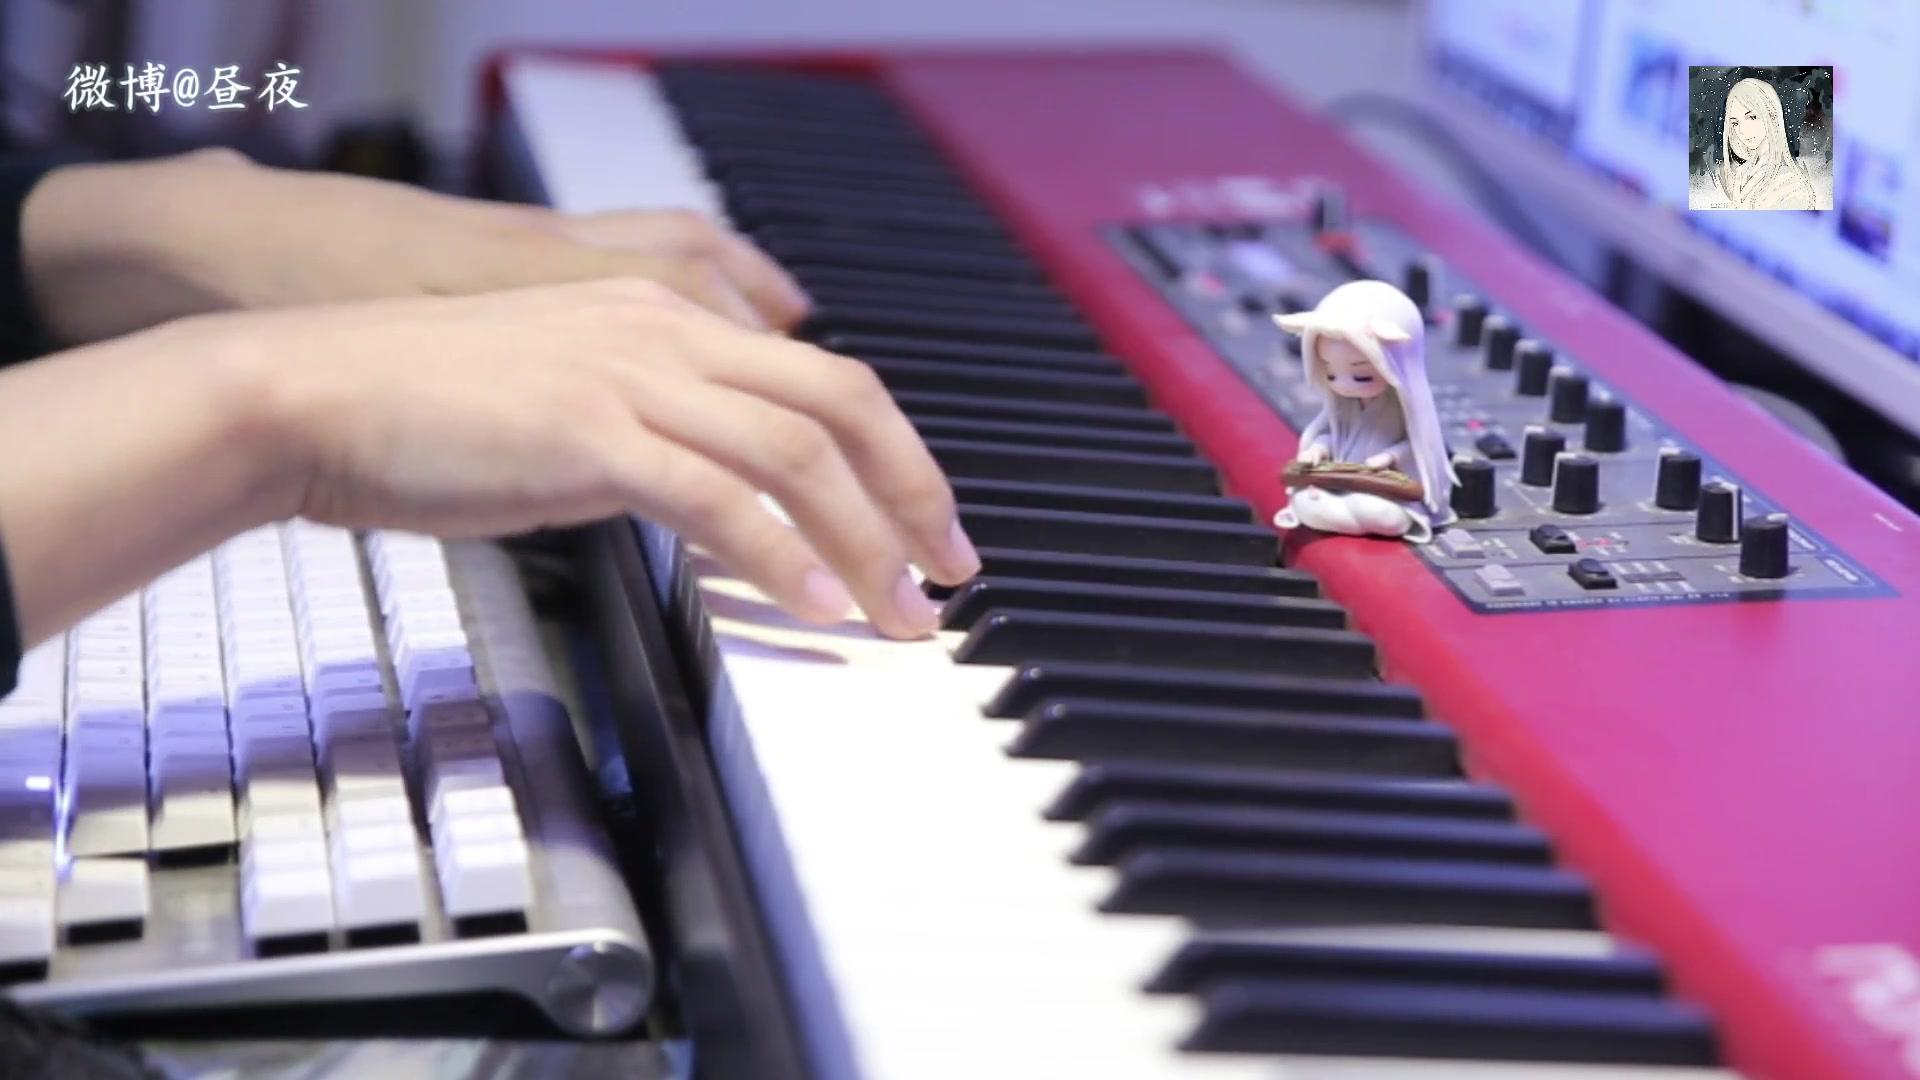 【当古风遇见钢琴】哄你入睡的钢琴曲w【更新《书生》《隔烟水》】